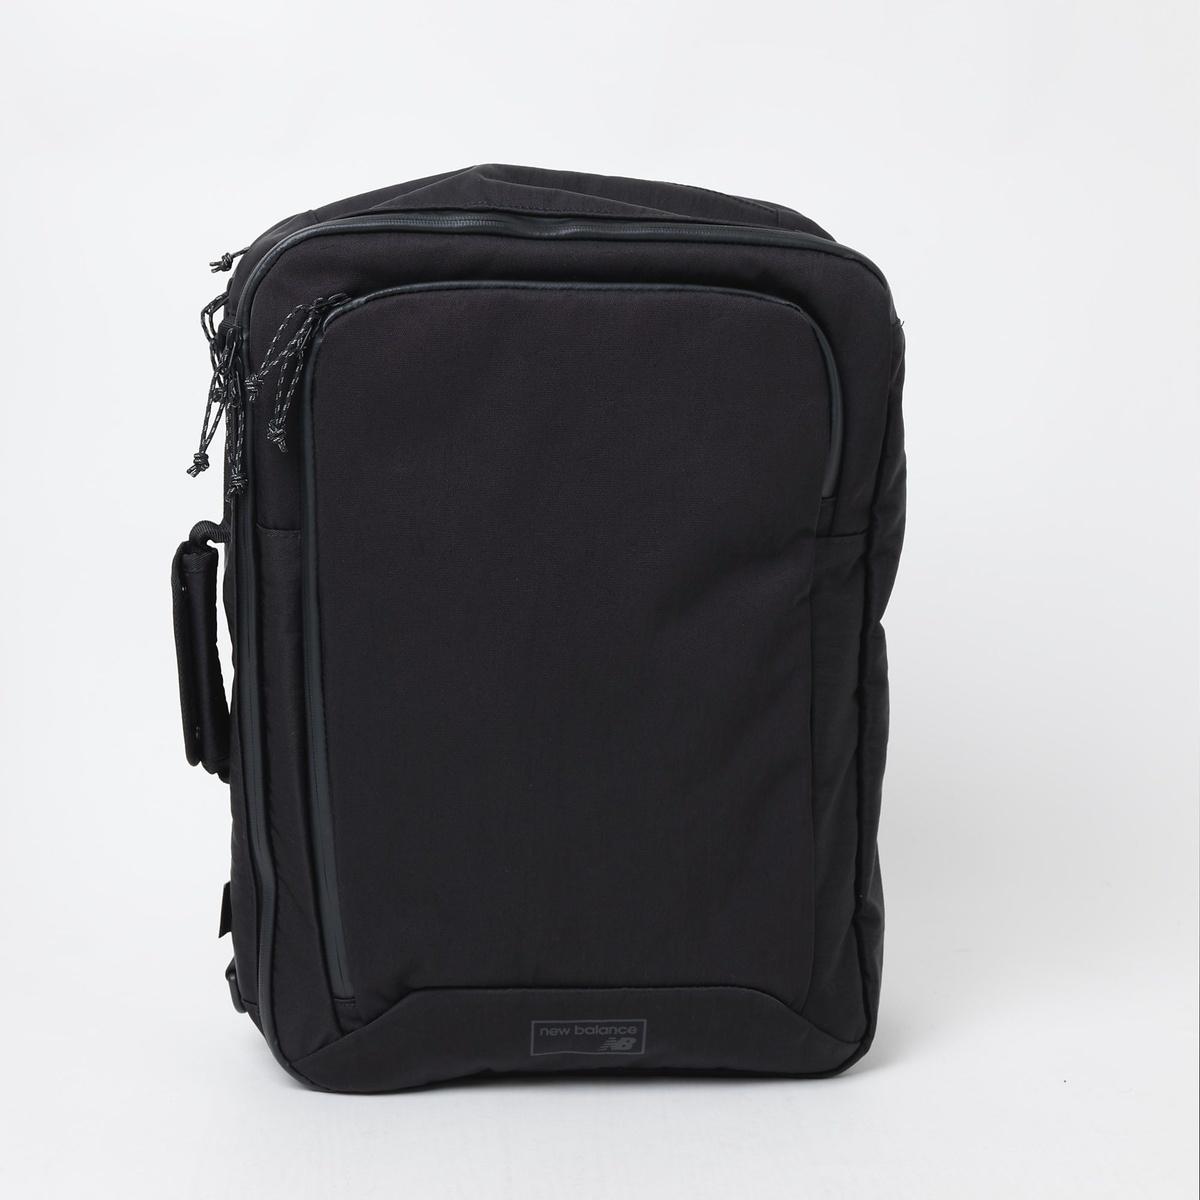 【送料無料】 New Balance (ニューバランス) スポーツアクセサリー バッグパック 3WAYバック25L OSZ ブラック JABL9402BK